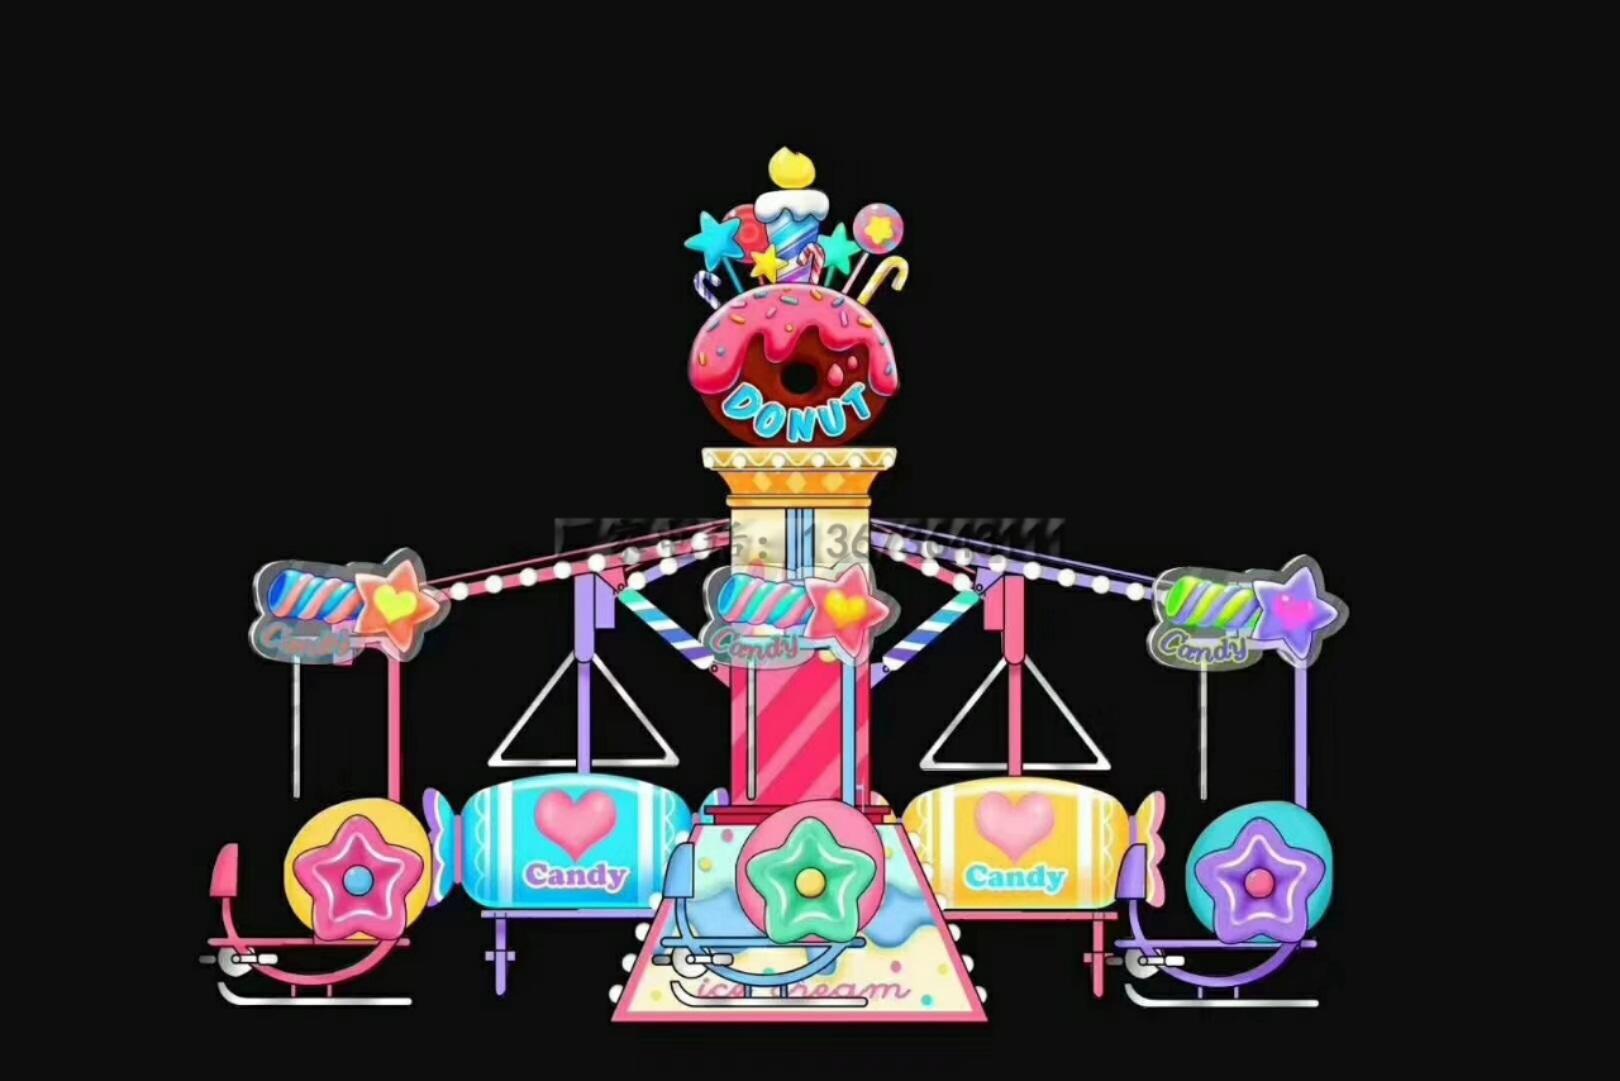 欢乐喷球车户外儿童游乐设备 大洋游乐厂家直销轨道欢乐喷球车示例图25